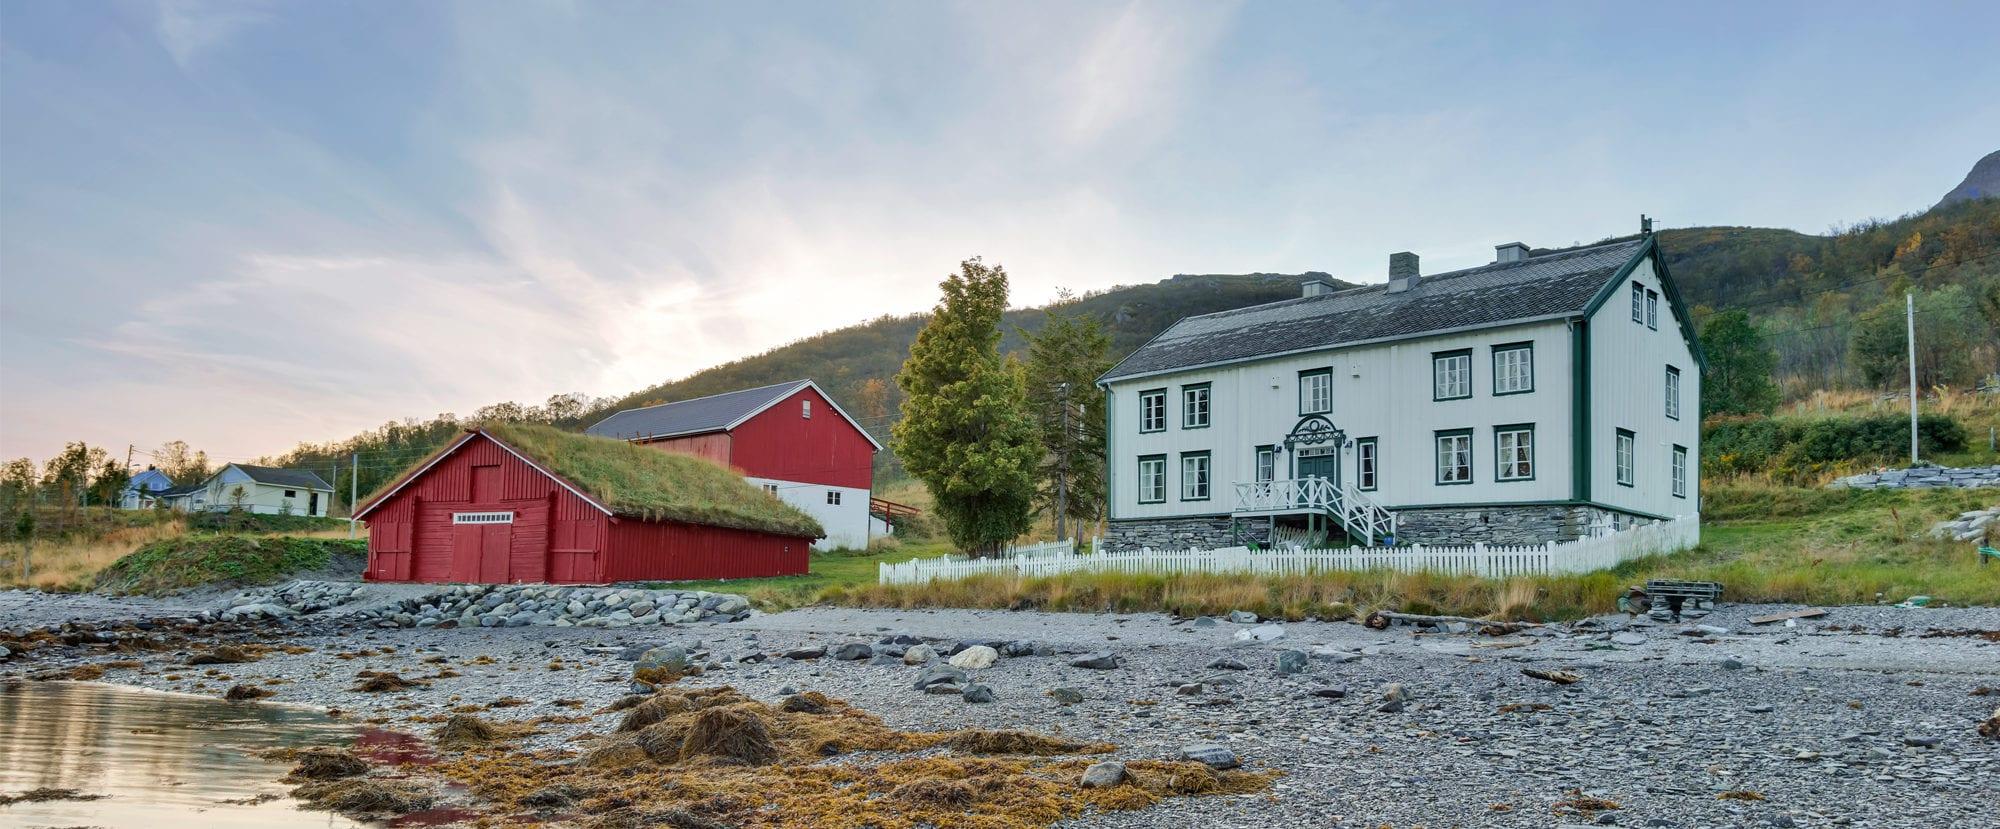 Maursund Nord-Troms Museum